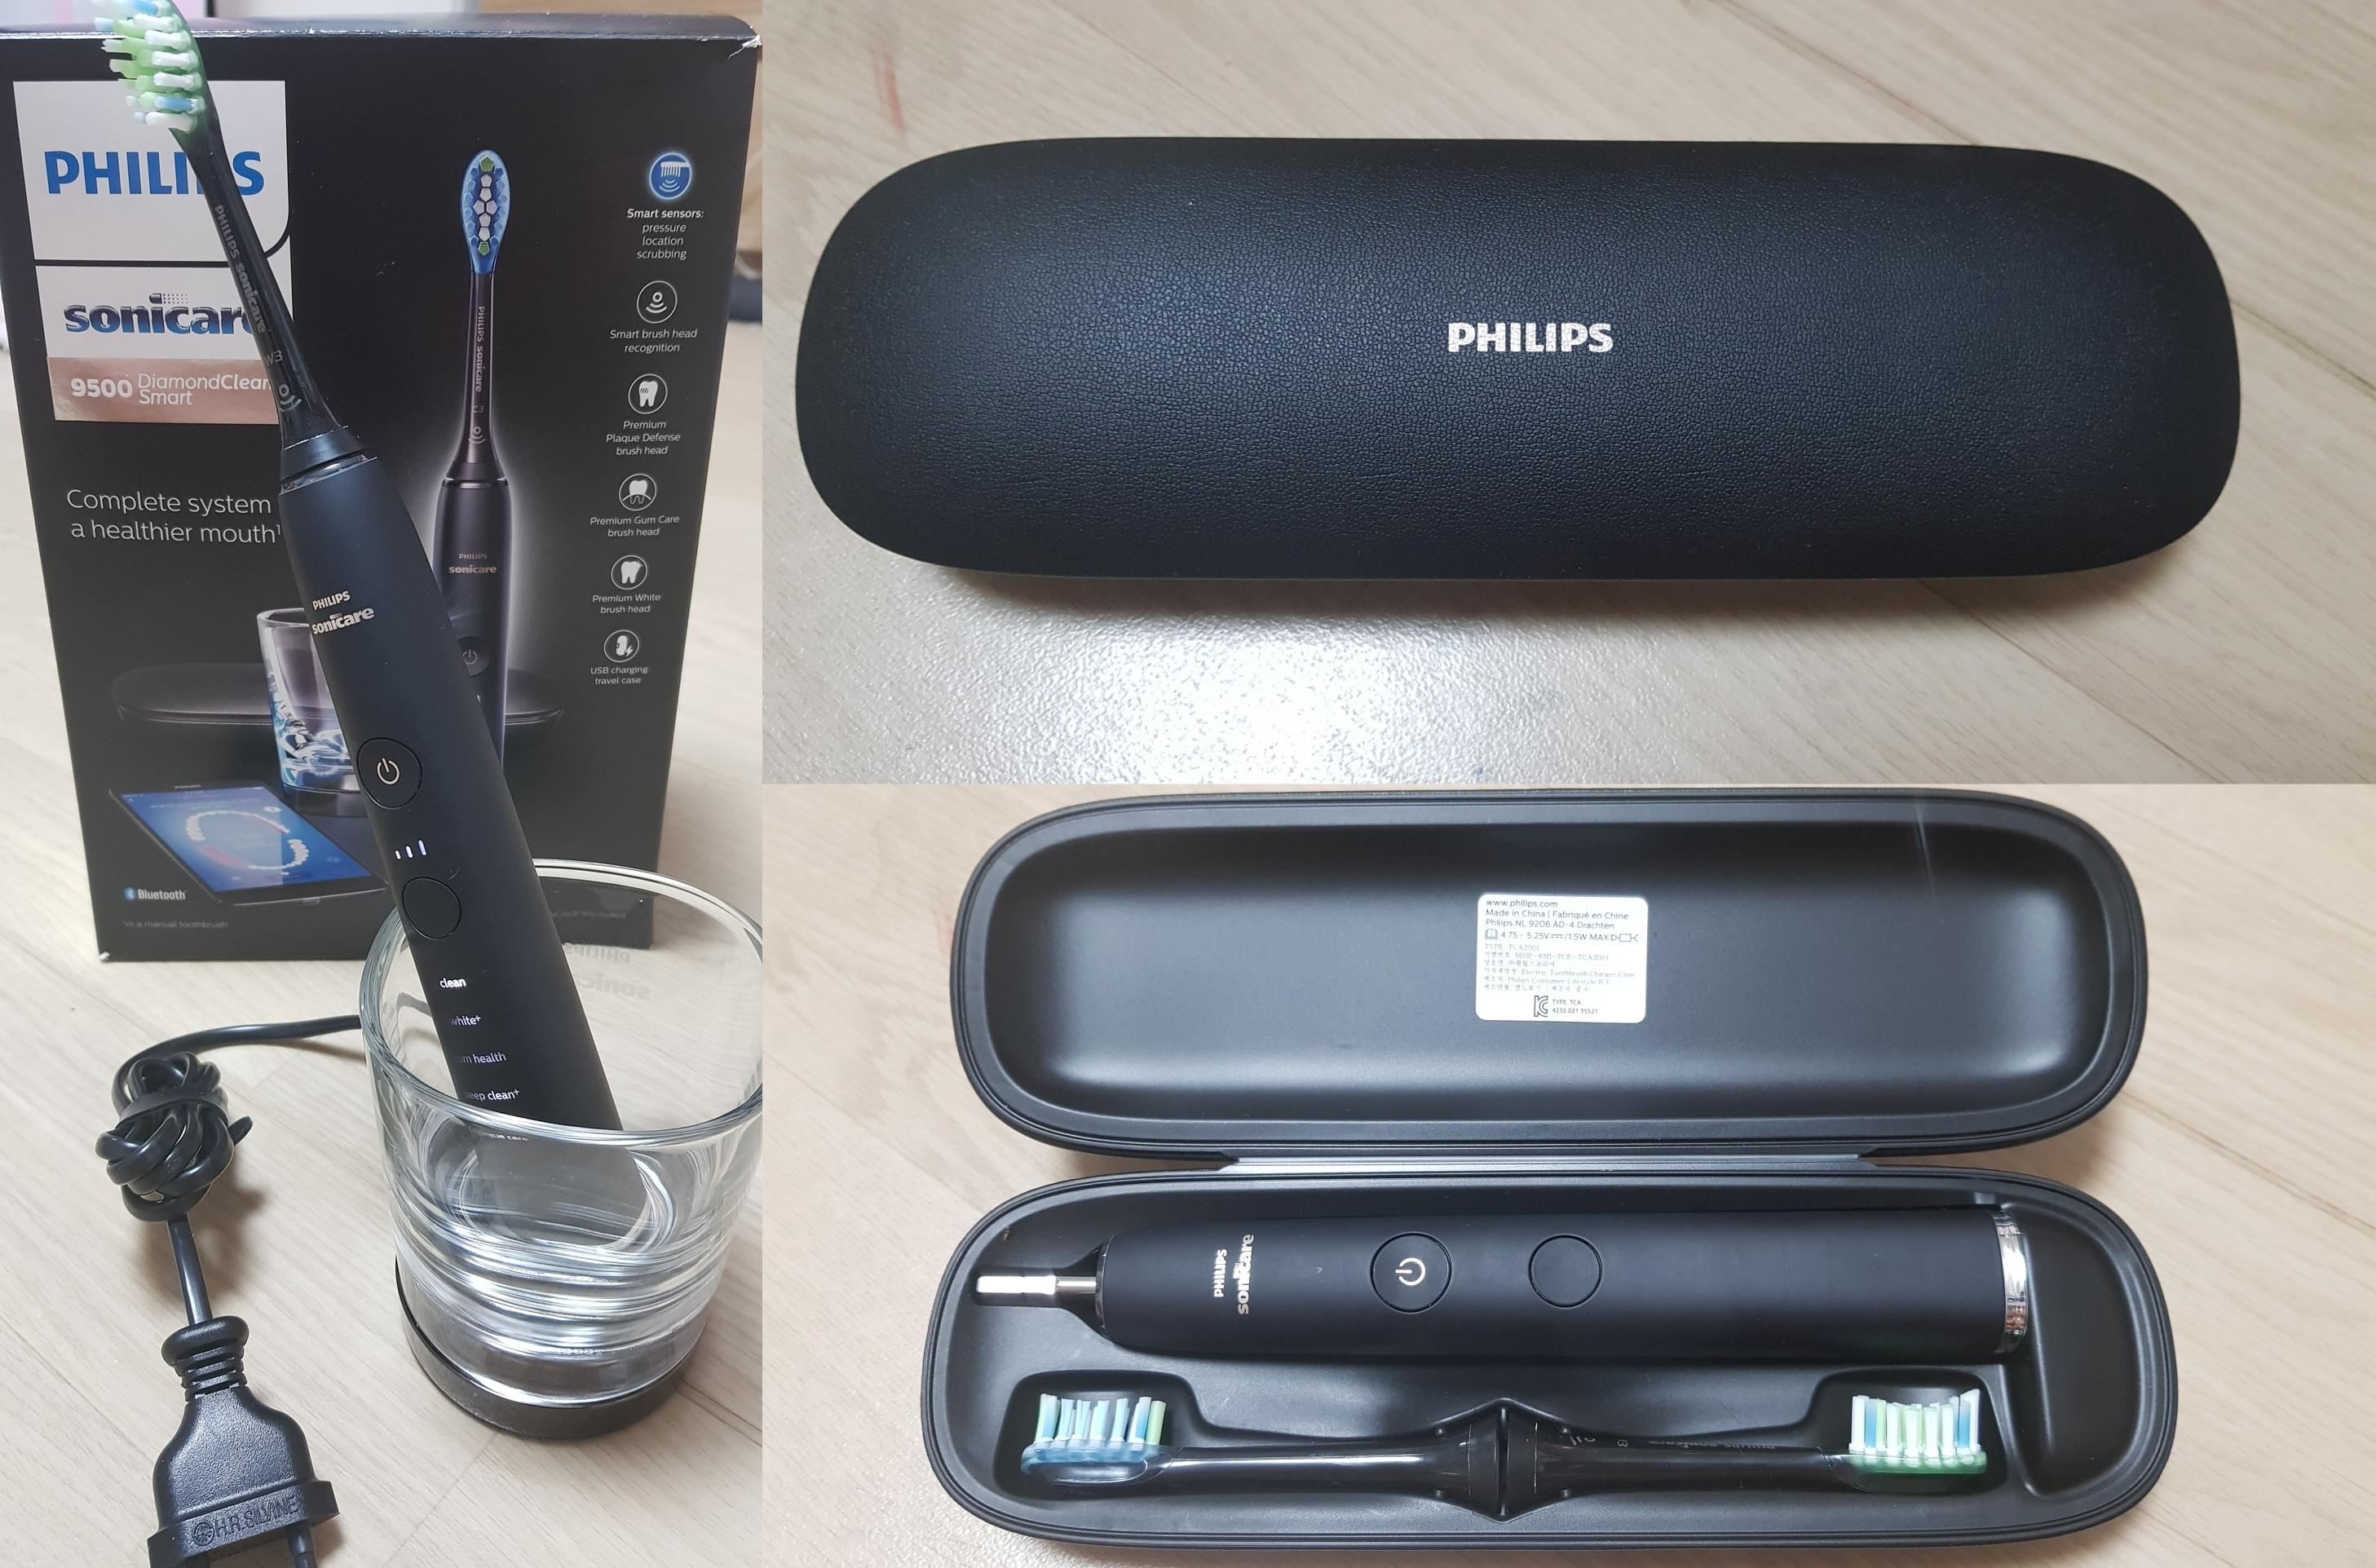 ▲ 칫솔질이 끝나면 무접점 충전컵에 올려놓기만 하면 된다. 또 USB 케이블 충전기가 내장된 휴대용 케이스가 제공된다.